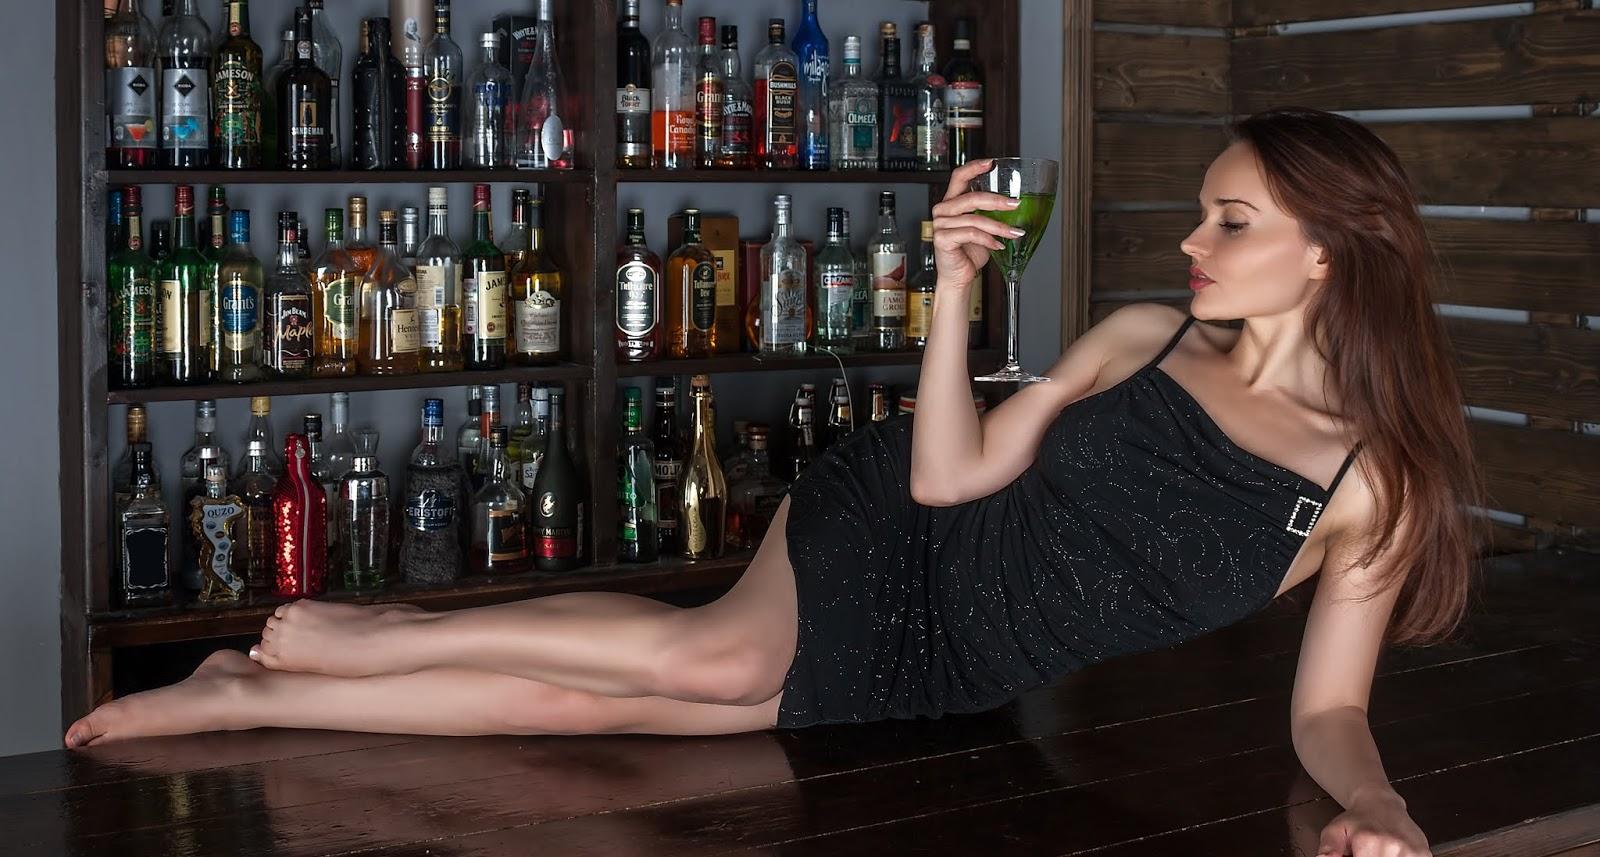 नशे की लत कैसे लगती है? | नशा करने से क्या होता है?